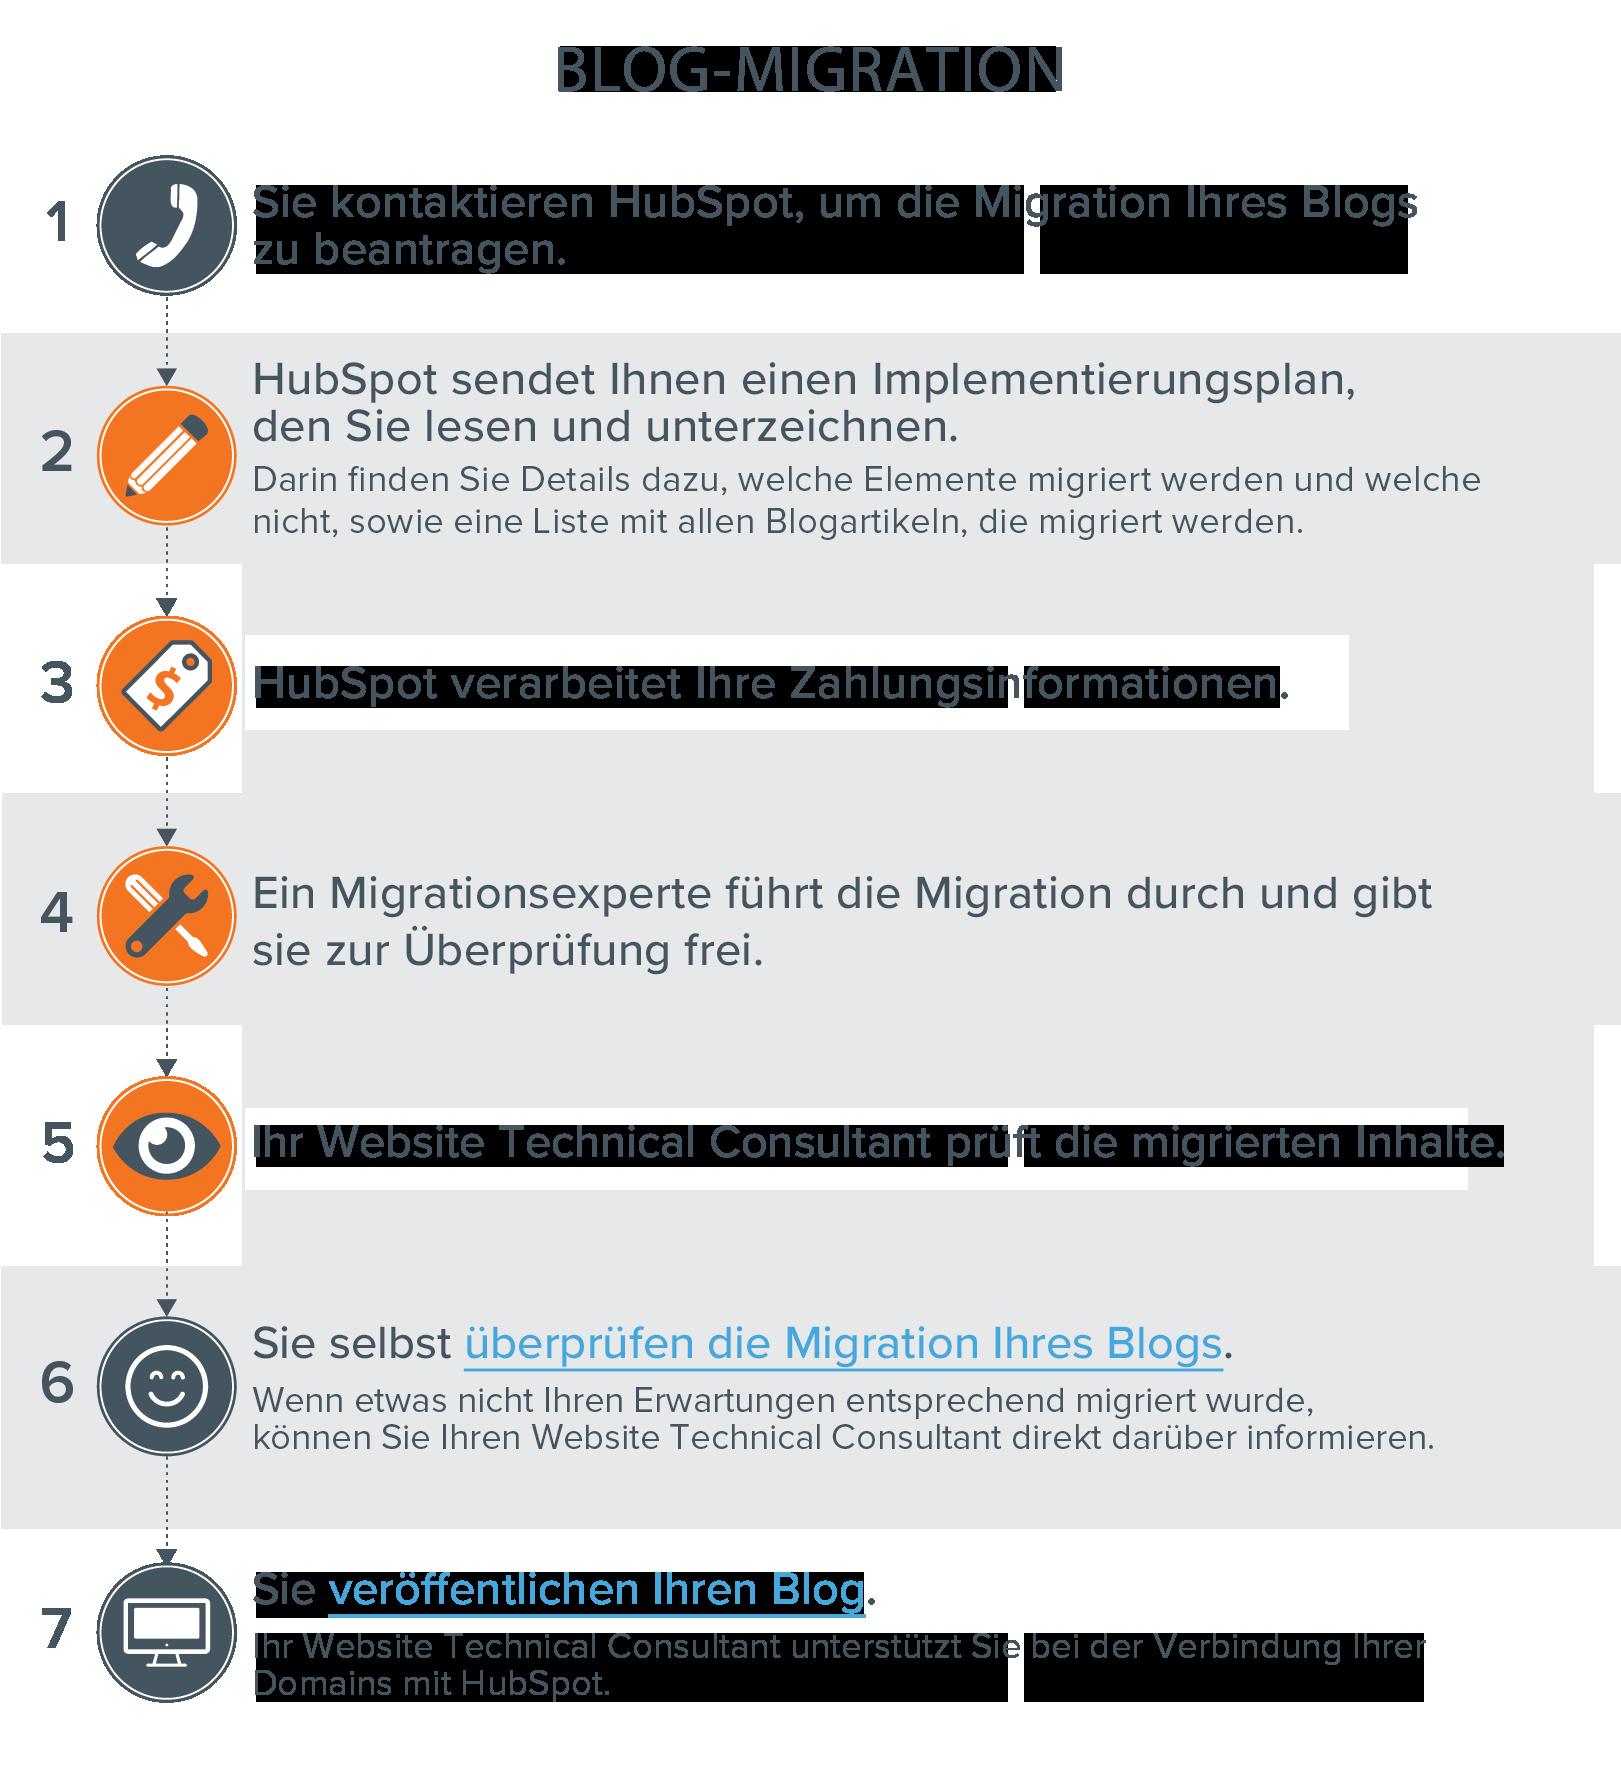 HubSpot-Blog-Migration